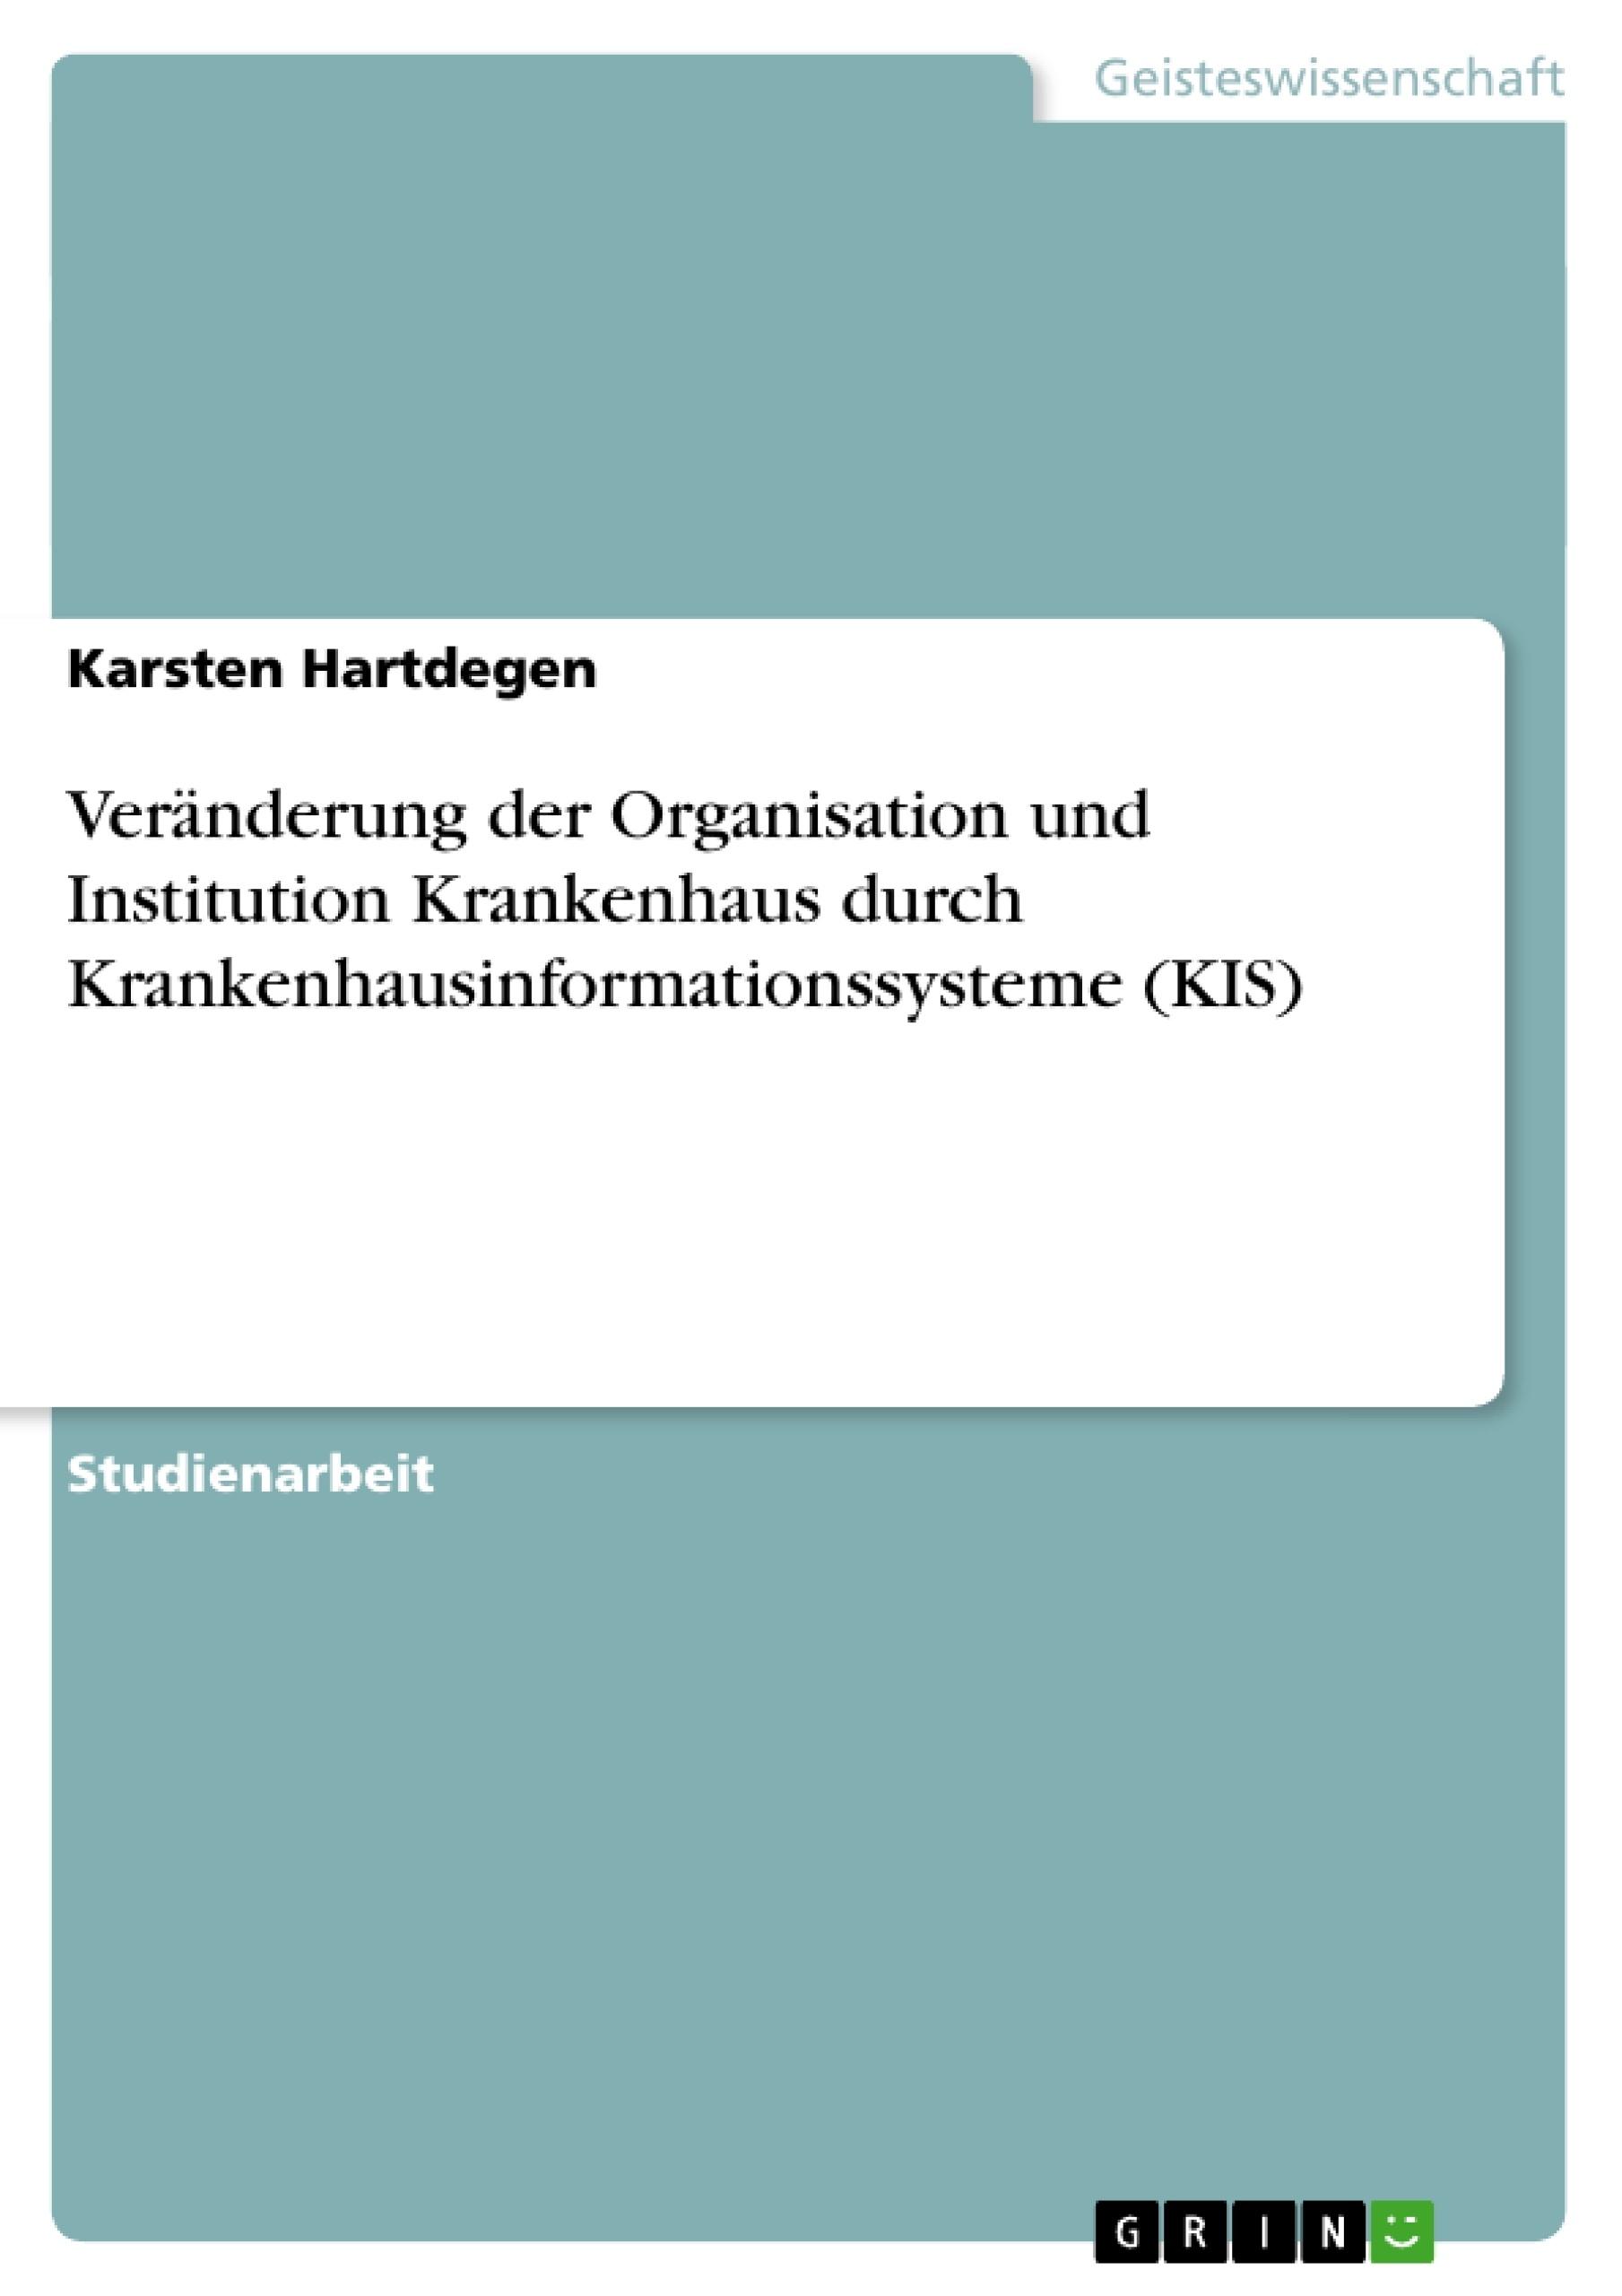 Titel: Veränderung der Organisation und Institution Krankenhaus durch Krankenhausinformationssysteme (KIS)